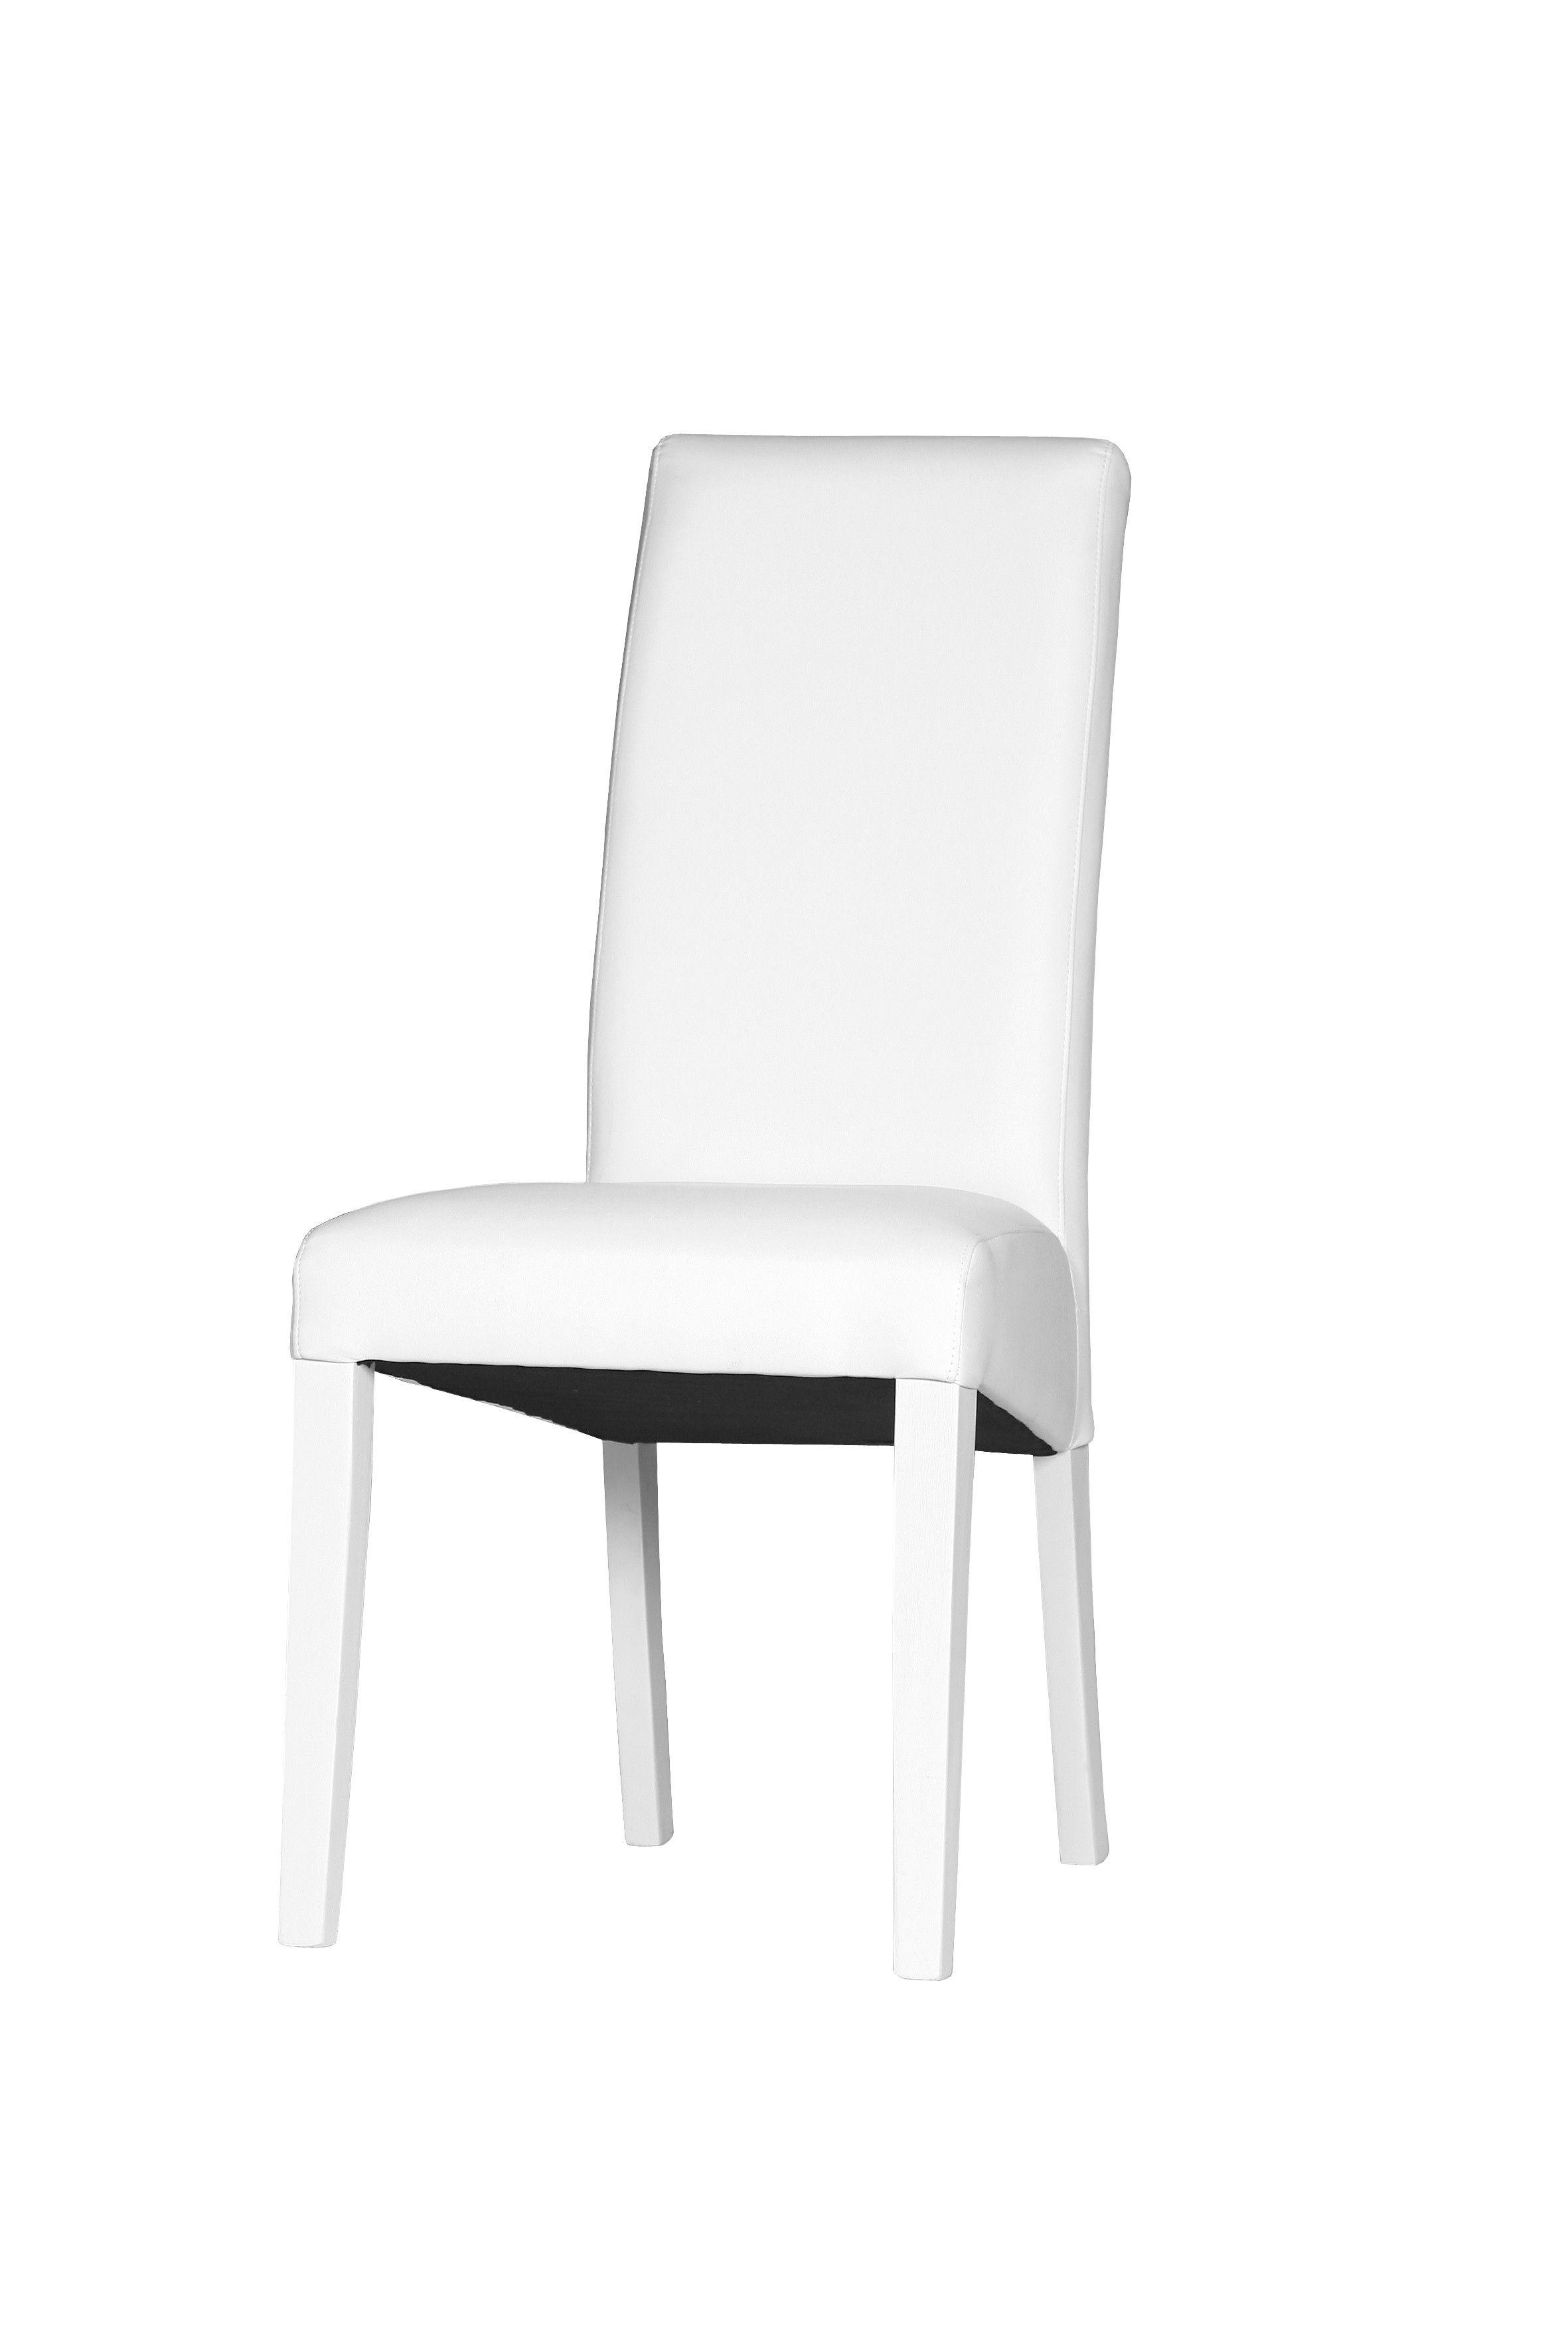 beau chaise blanche simili cuir pas cher